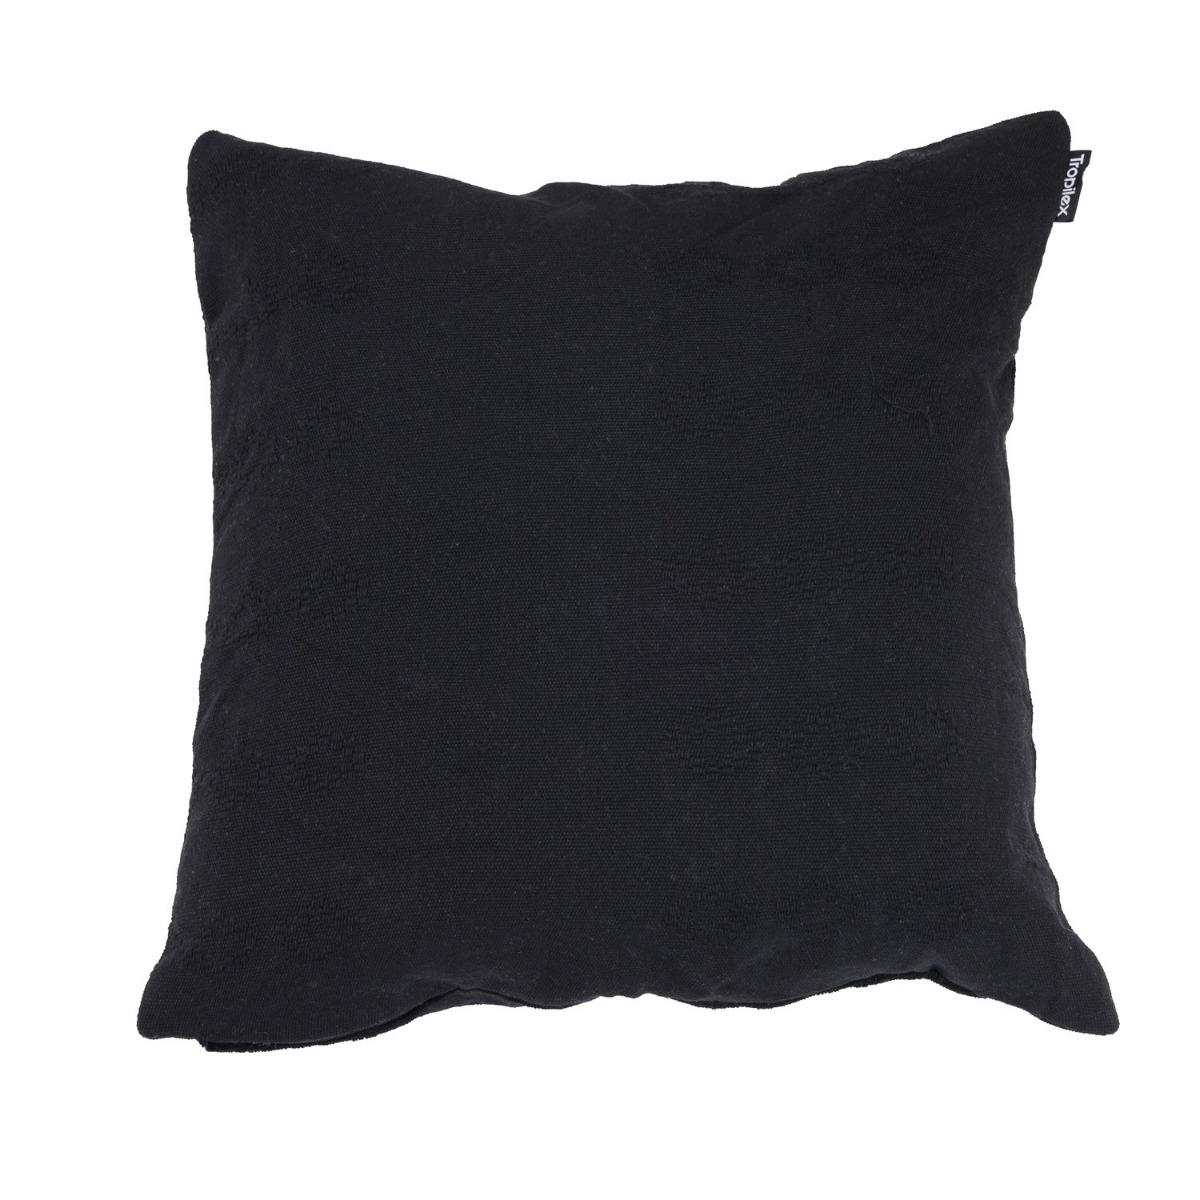 'DeLuxe' Black Kussentje - Zwart - Tropilex ®